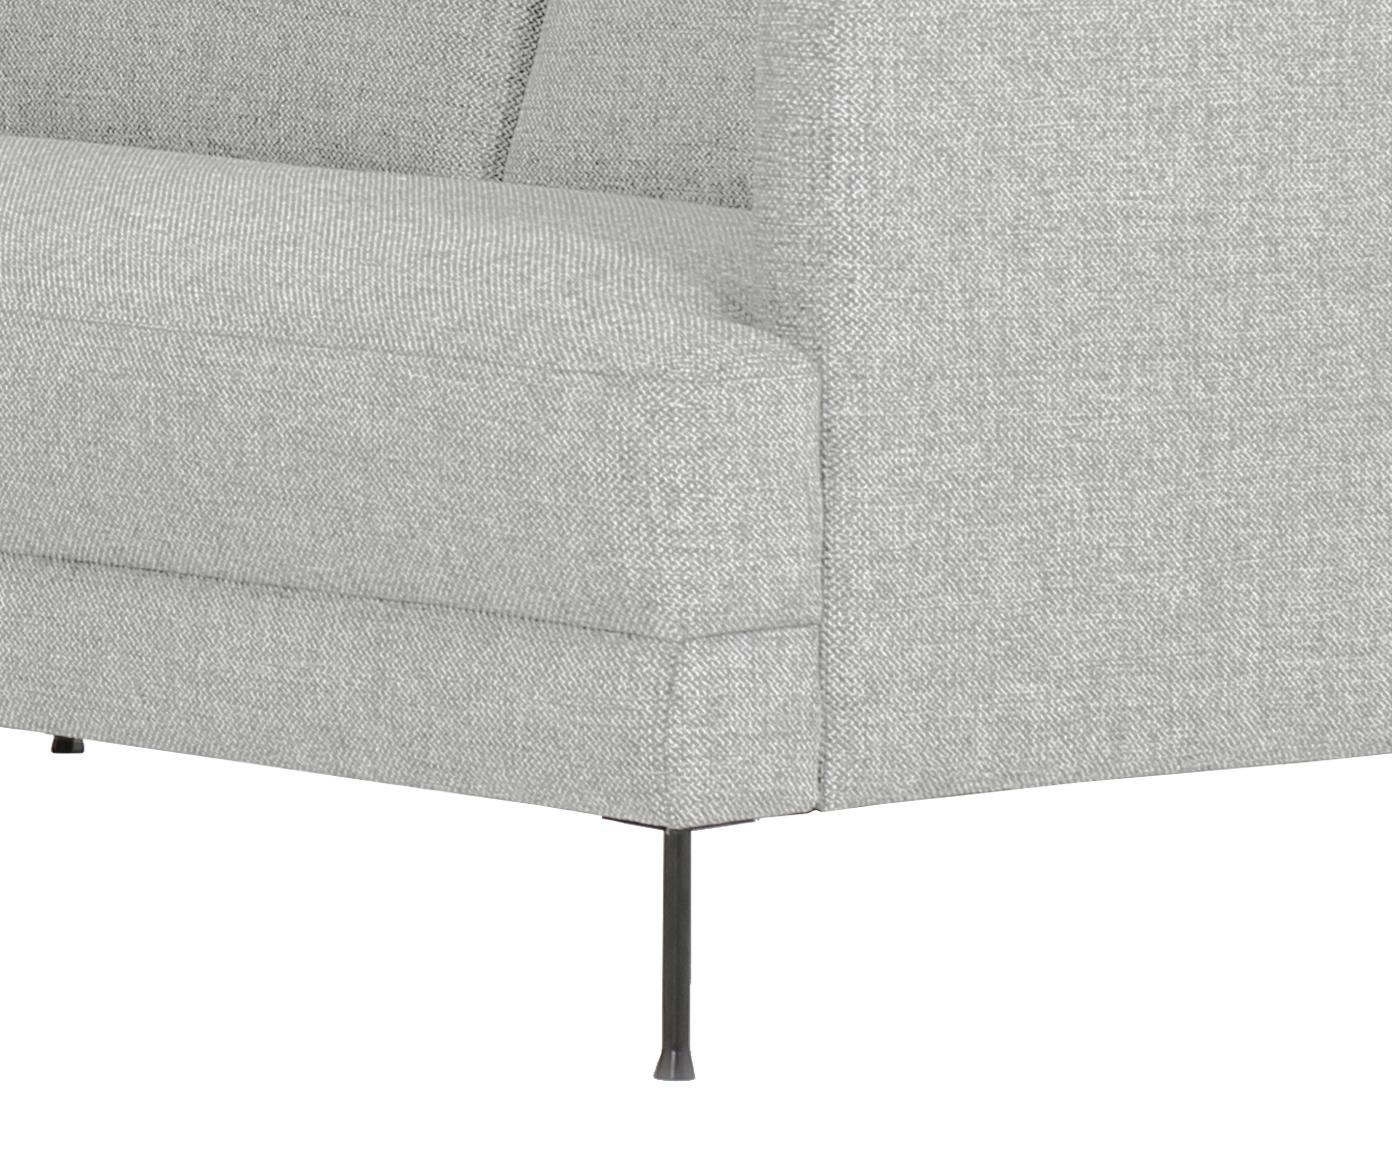 Hoekbank Fluente, Bekleding: polyester, Frame: hout, Poten: gelakt metaal, Lichtgrijs, B 221 x D 200 cm